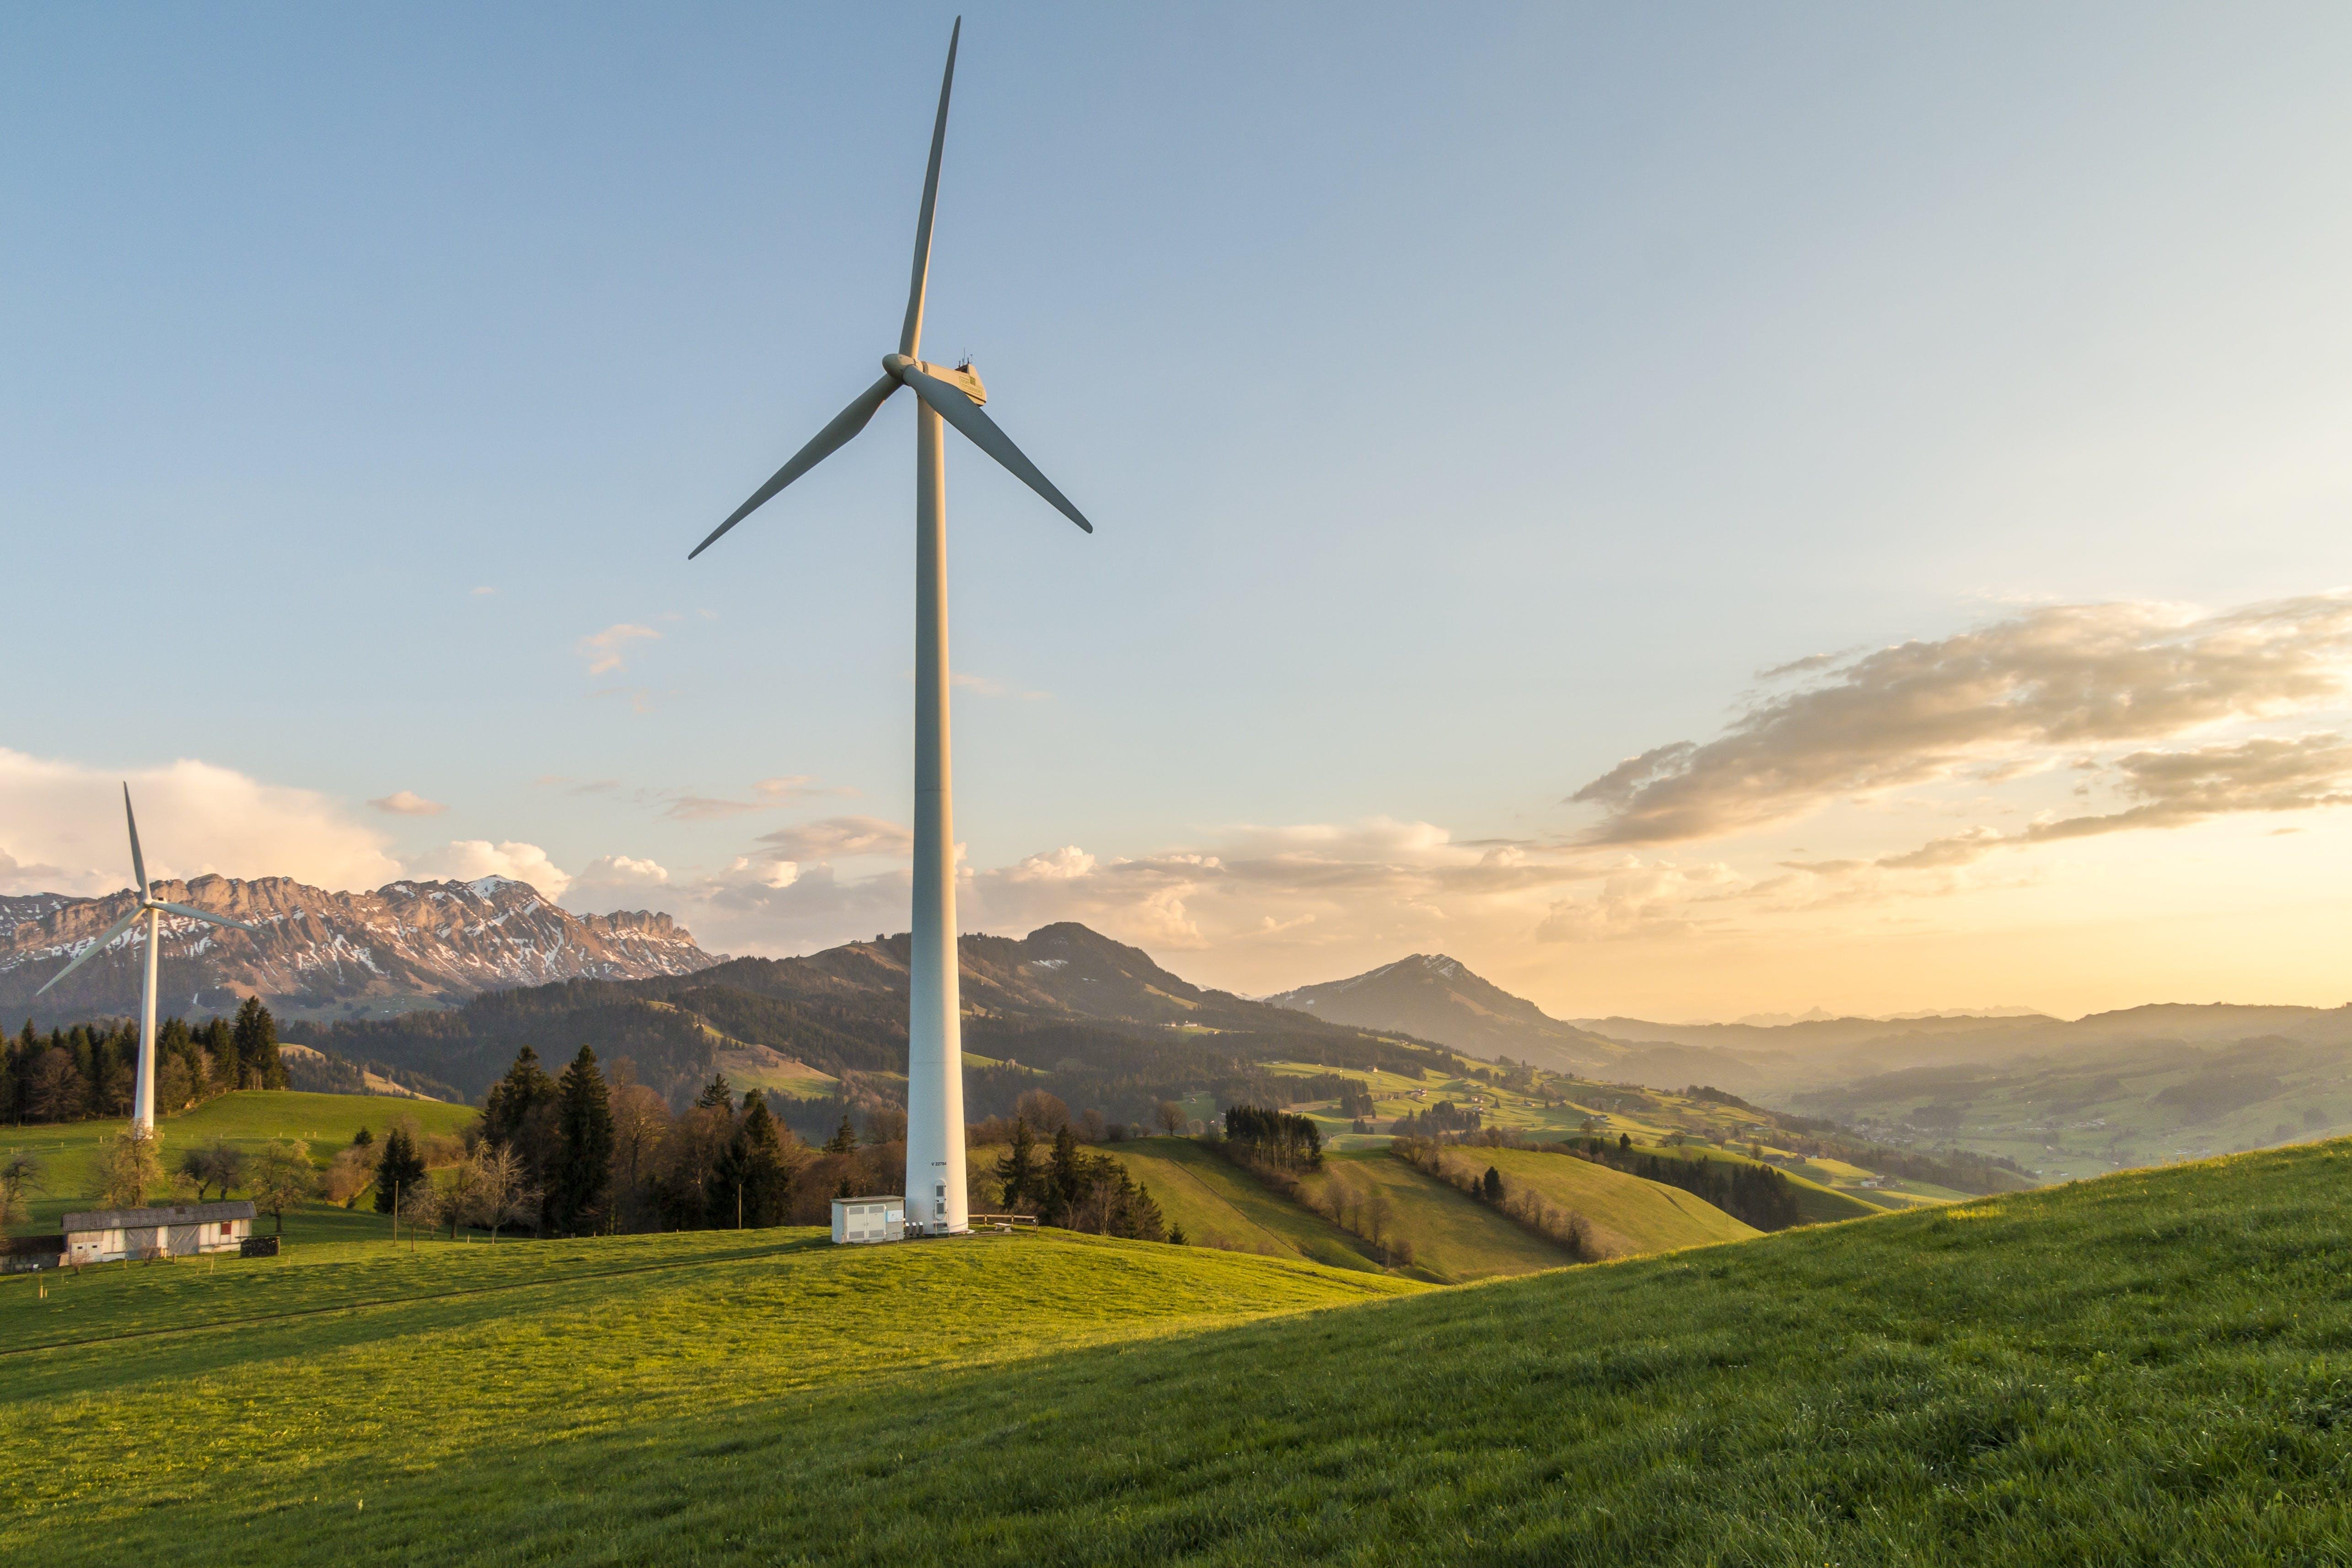 Безкоштовне стокове фото на тему «альтернативна енергетика, вітрогенератори, вітряки, краєвид»